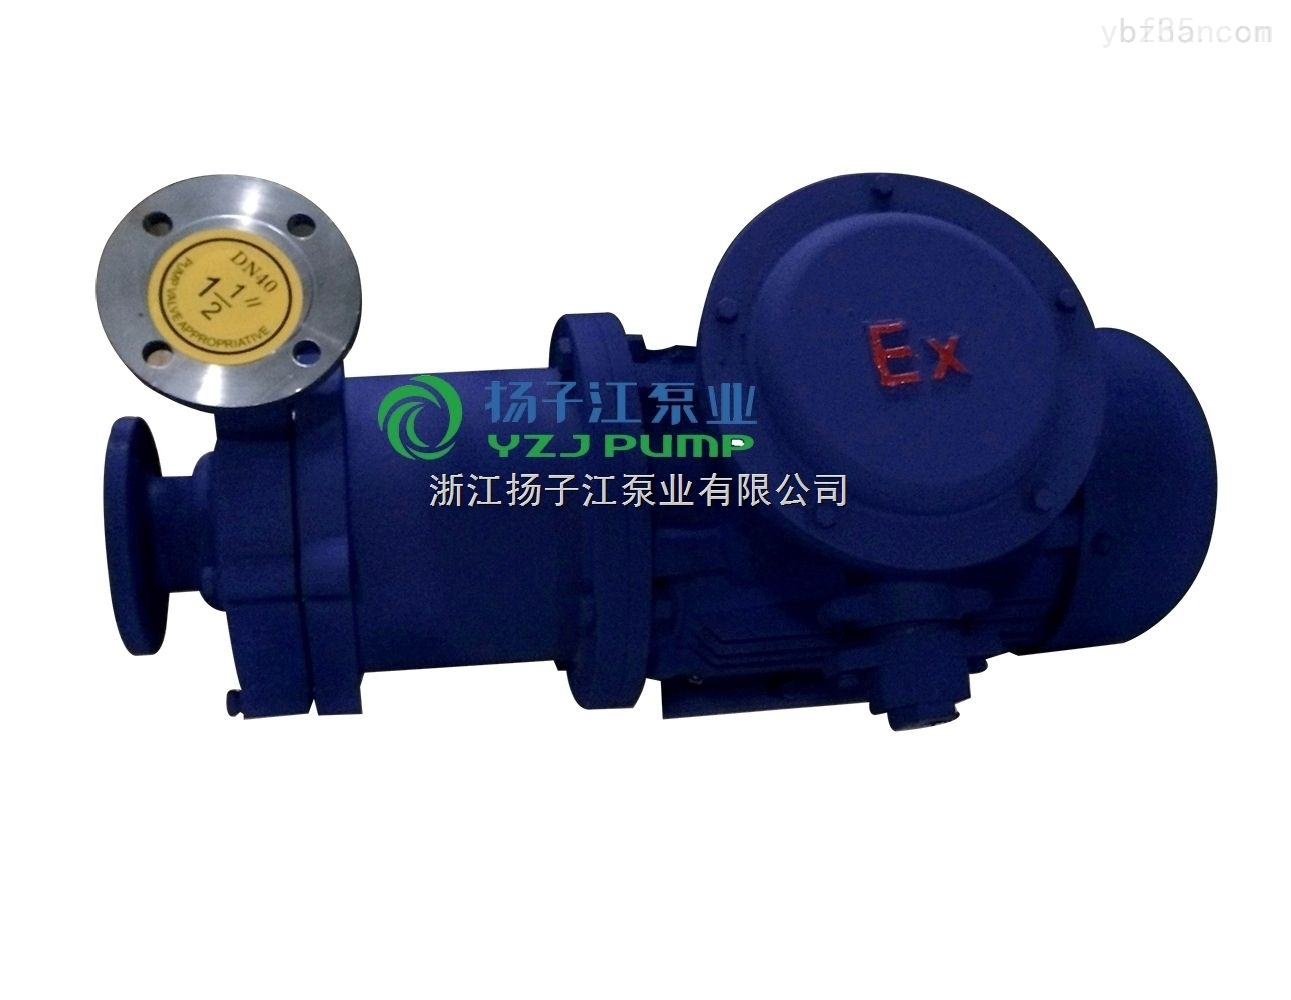 CQ磁力泵 磁力泵厂家 防爆磁力泵 不锈钢耐酸耐碱磁力泵厂家直销